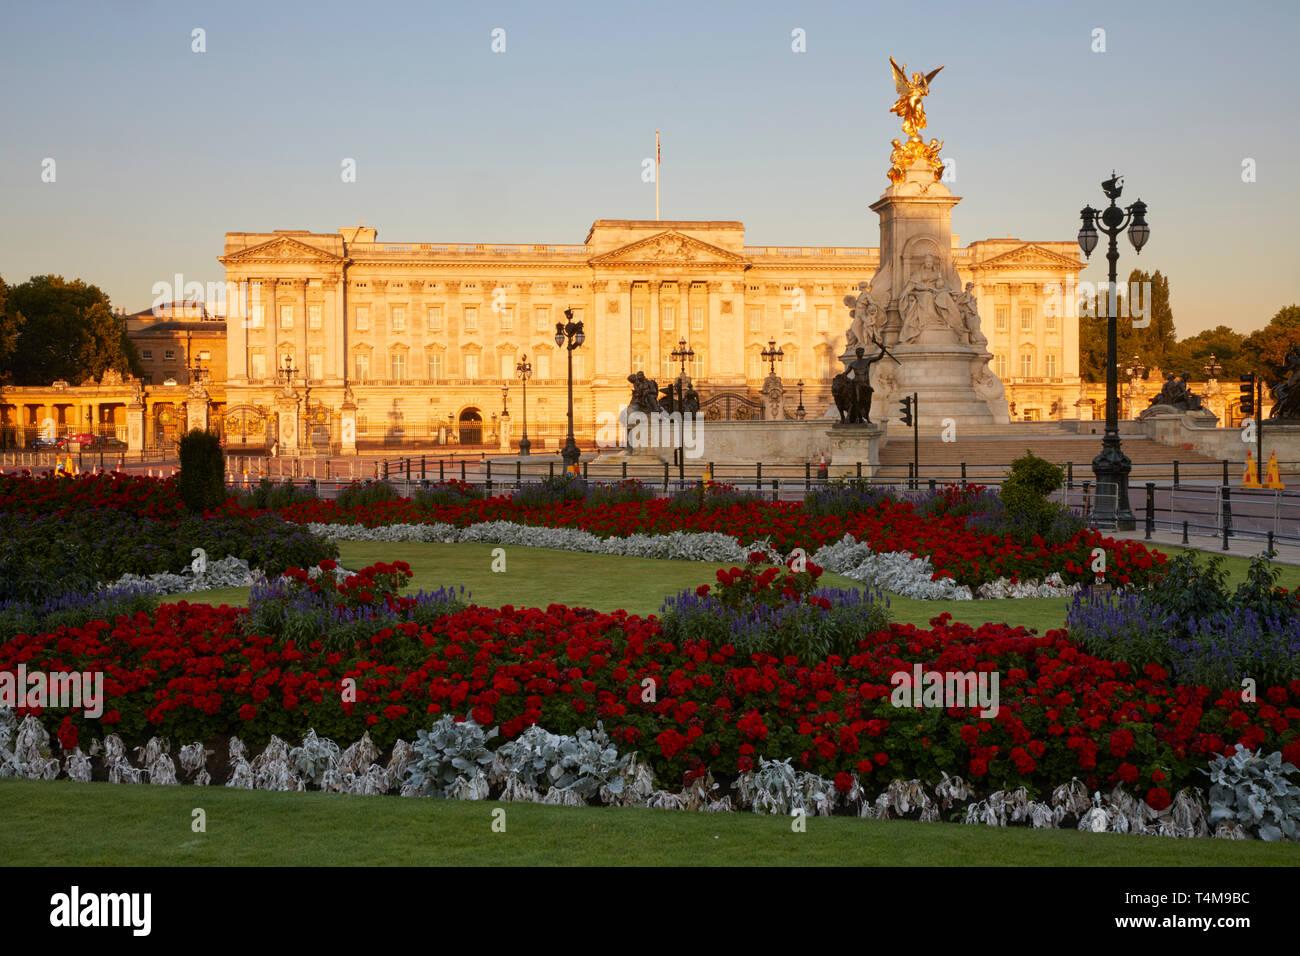 Buckingham Palace, Westminster, London, England, UK Stock Photo